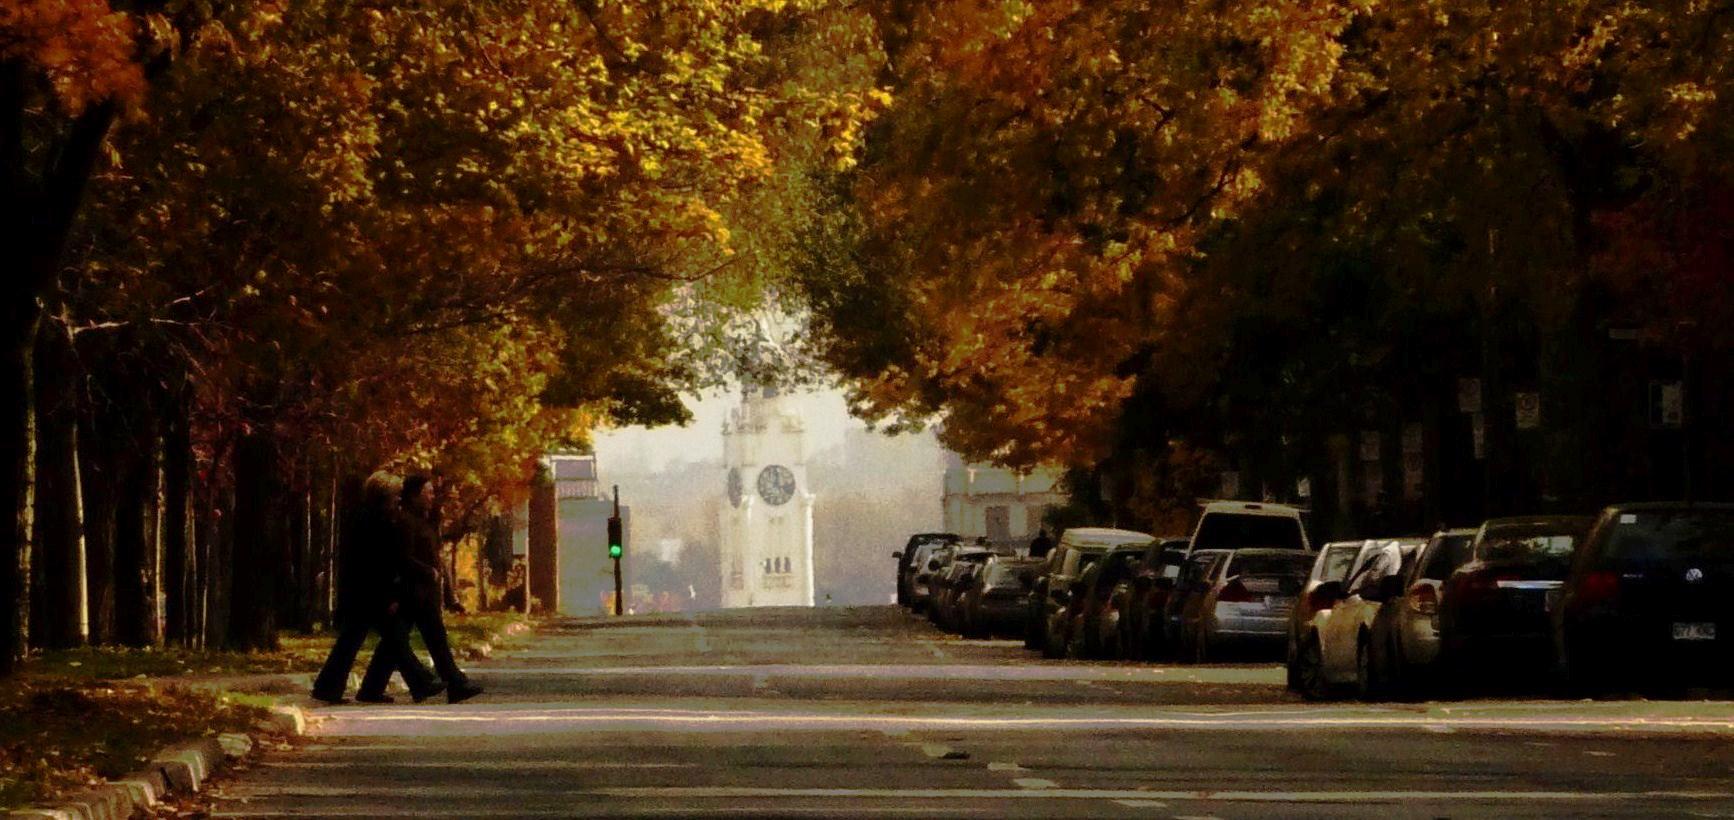 Parc Lafontaine Montreal File:avenue du Parc Lafontaine